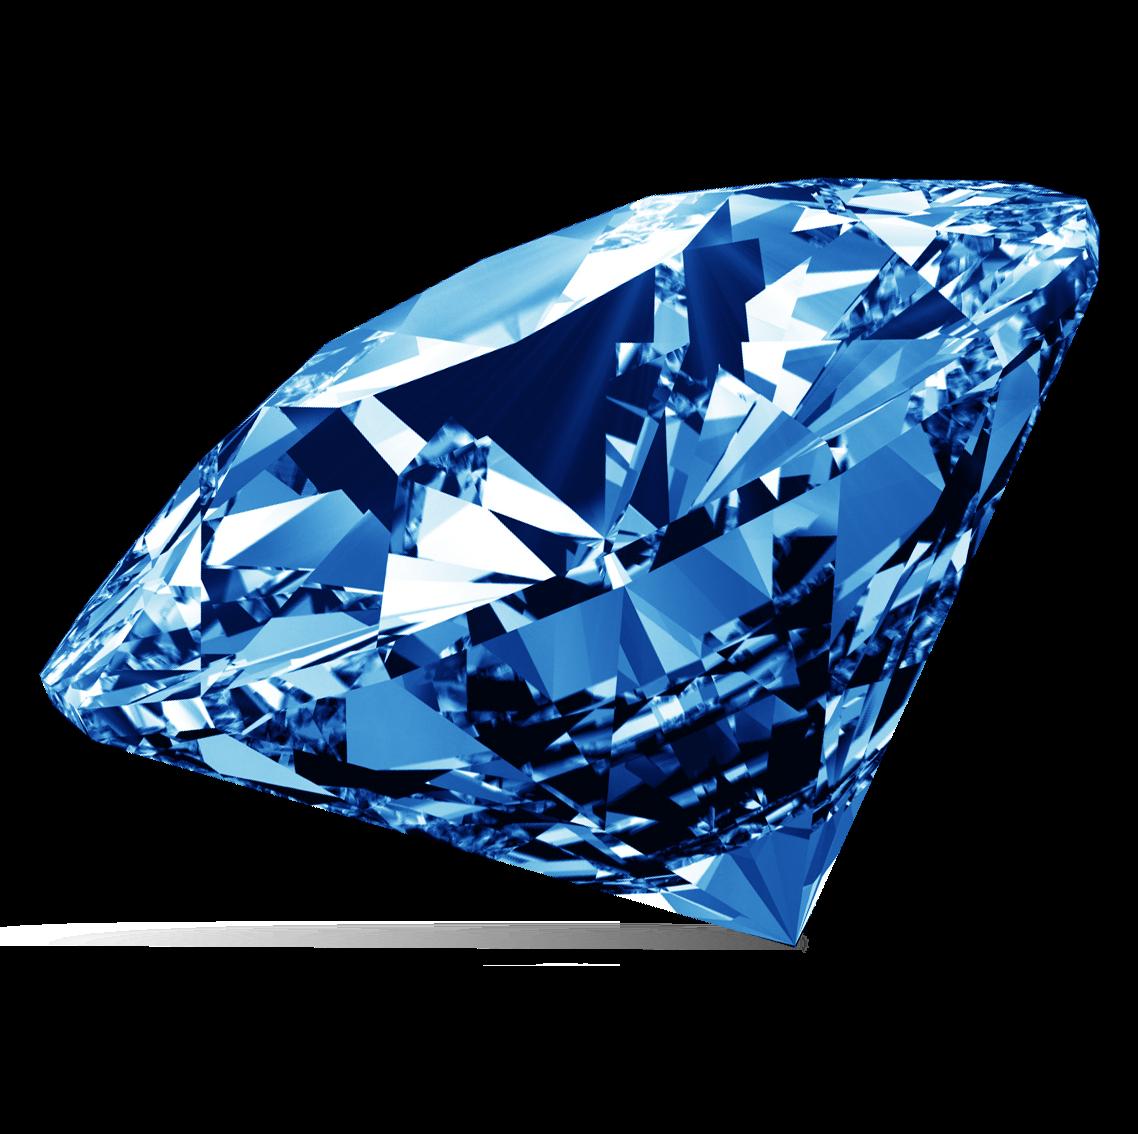 Diamond Png Image Blue Diamond Blue Diamond Jewelry Diamond Image